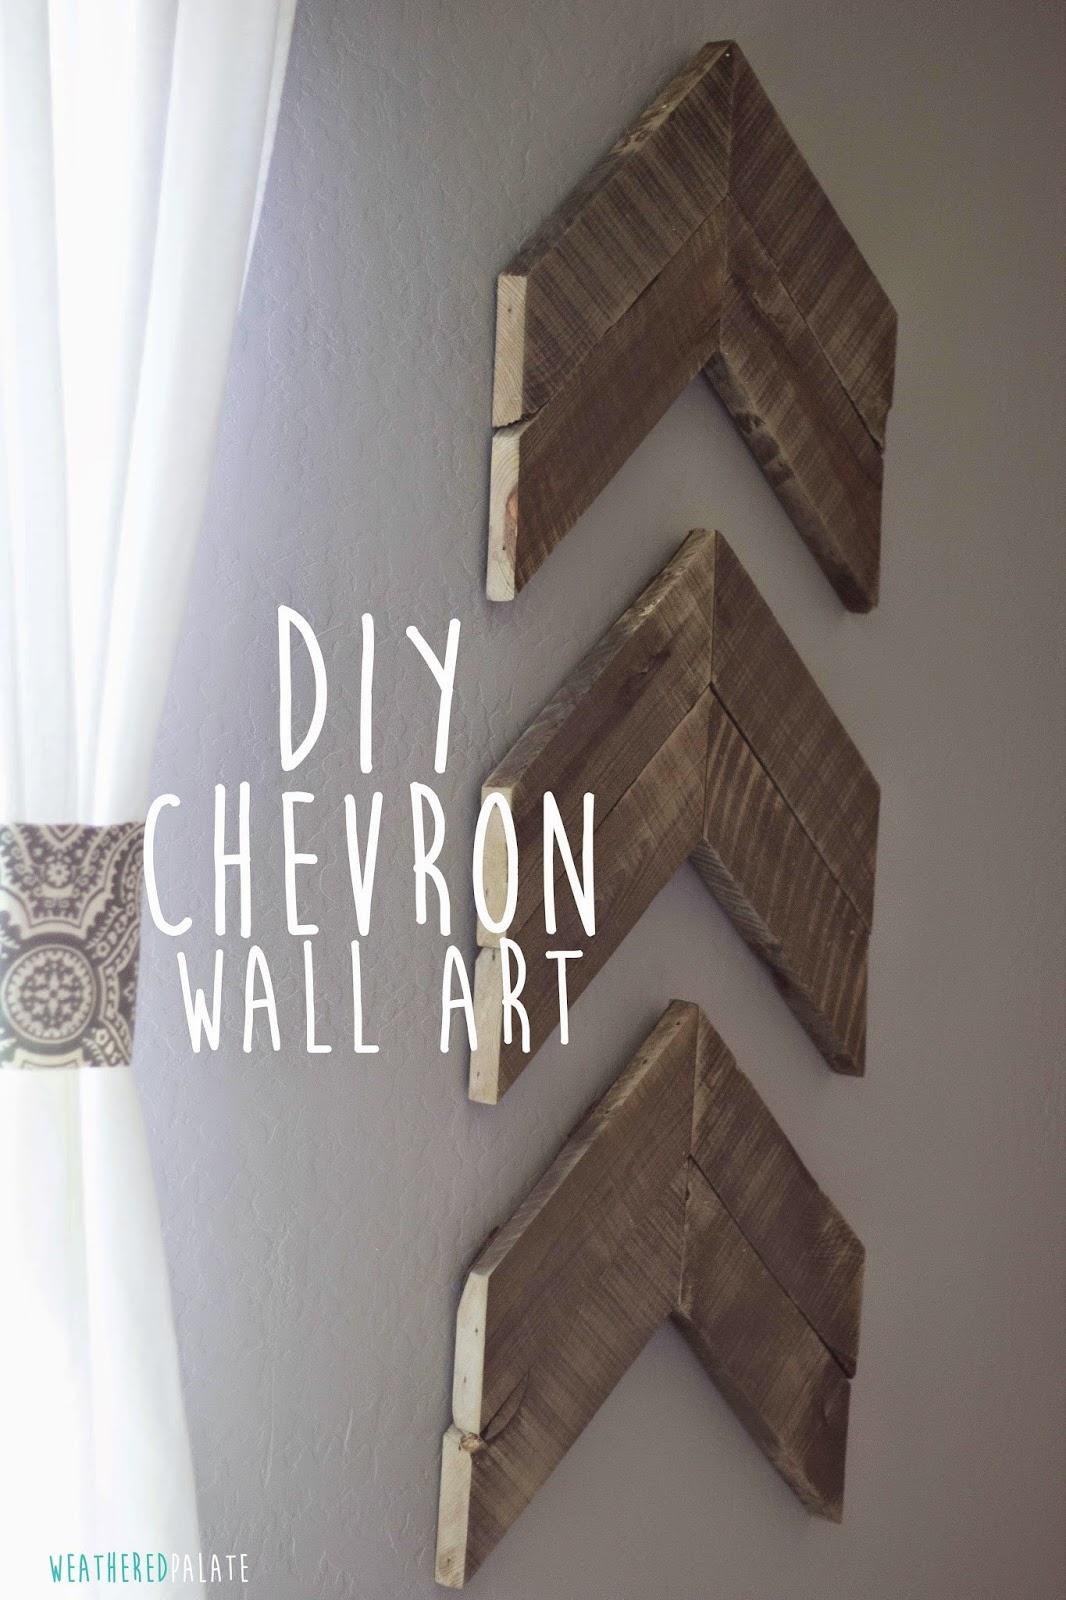 http://www.theweatheredpalate.com/2014/08/diy-chevron-wall-art.html